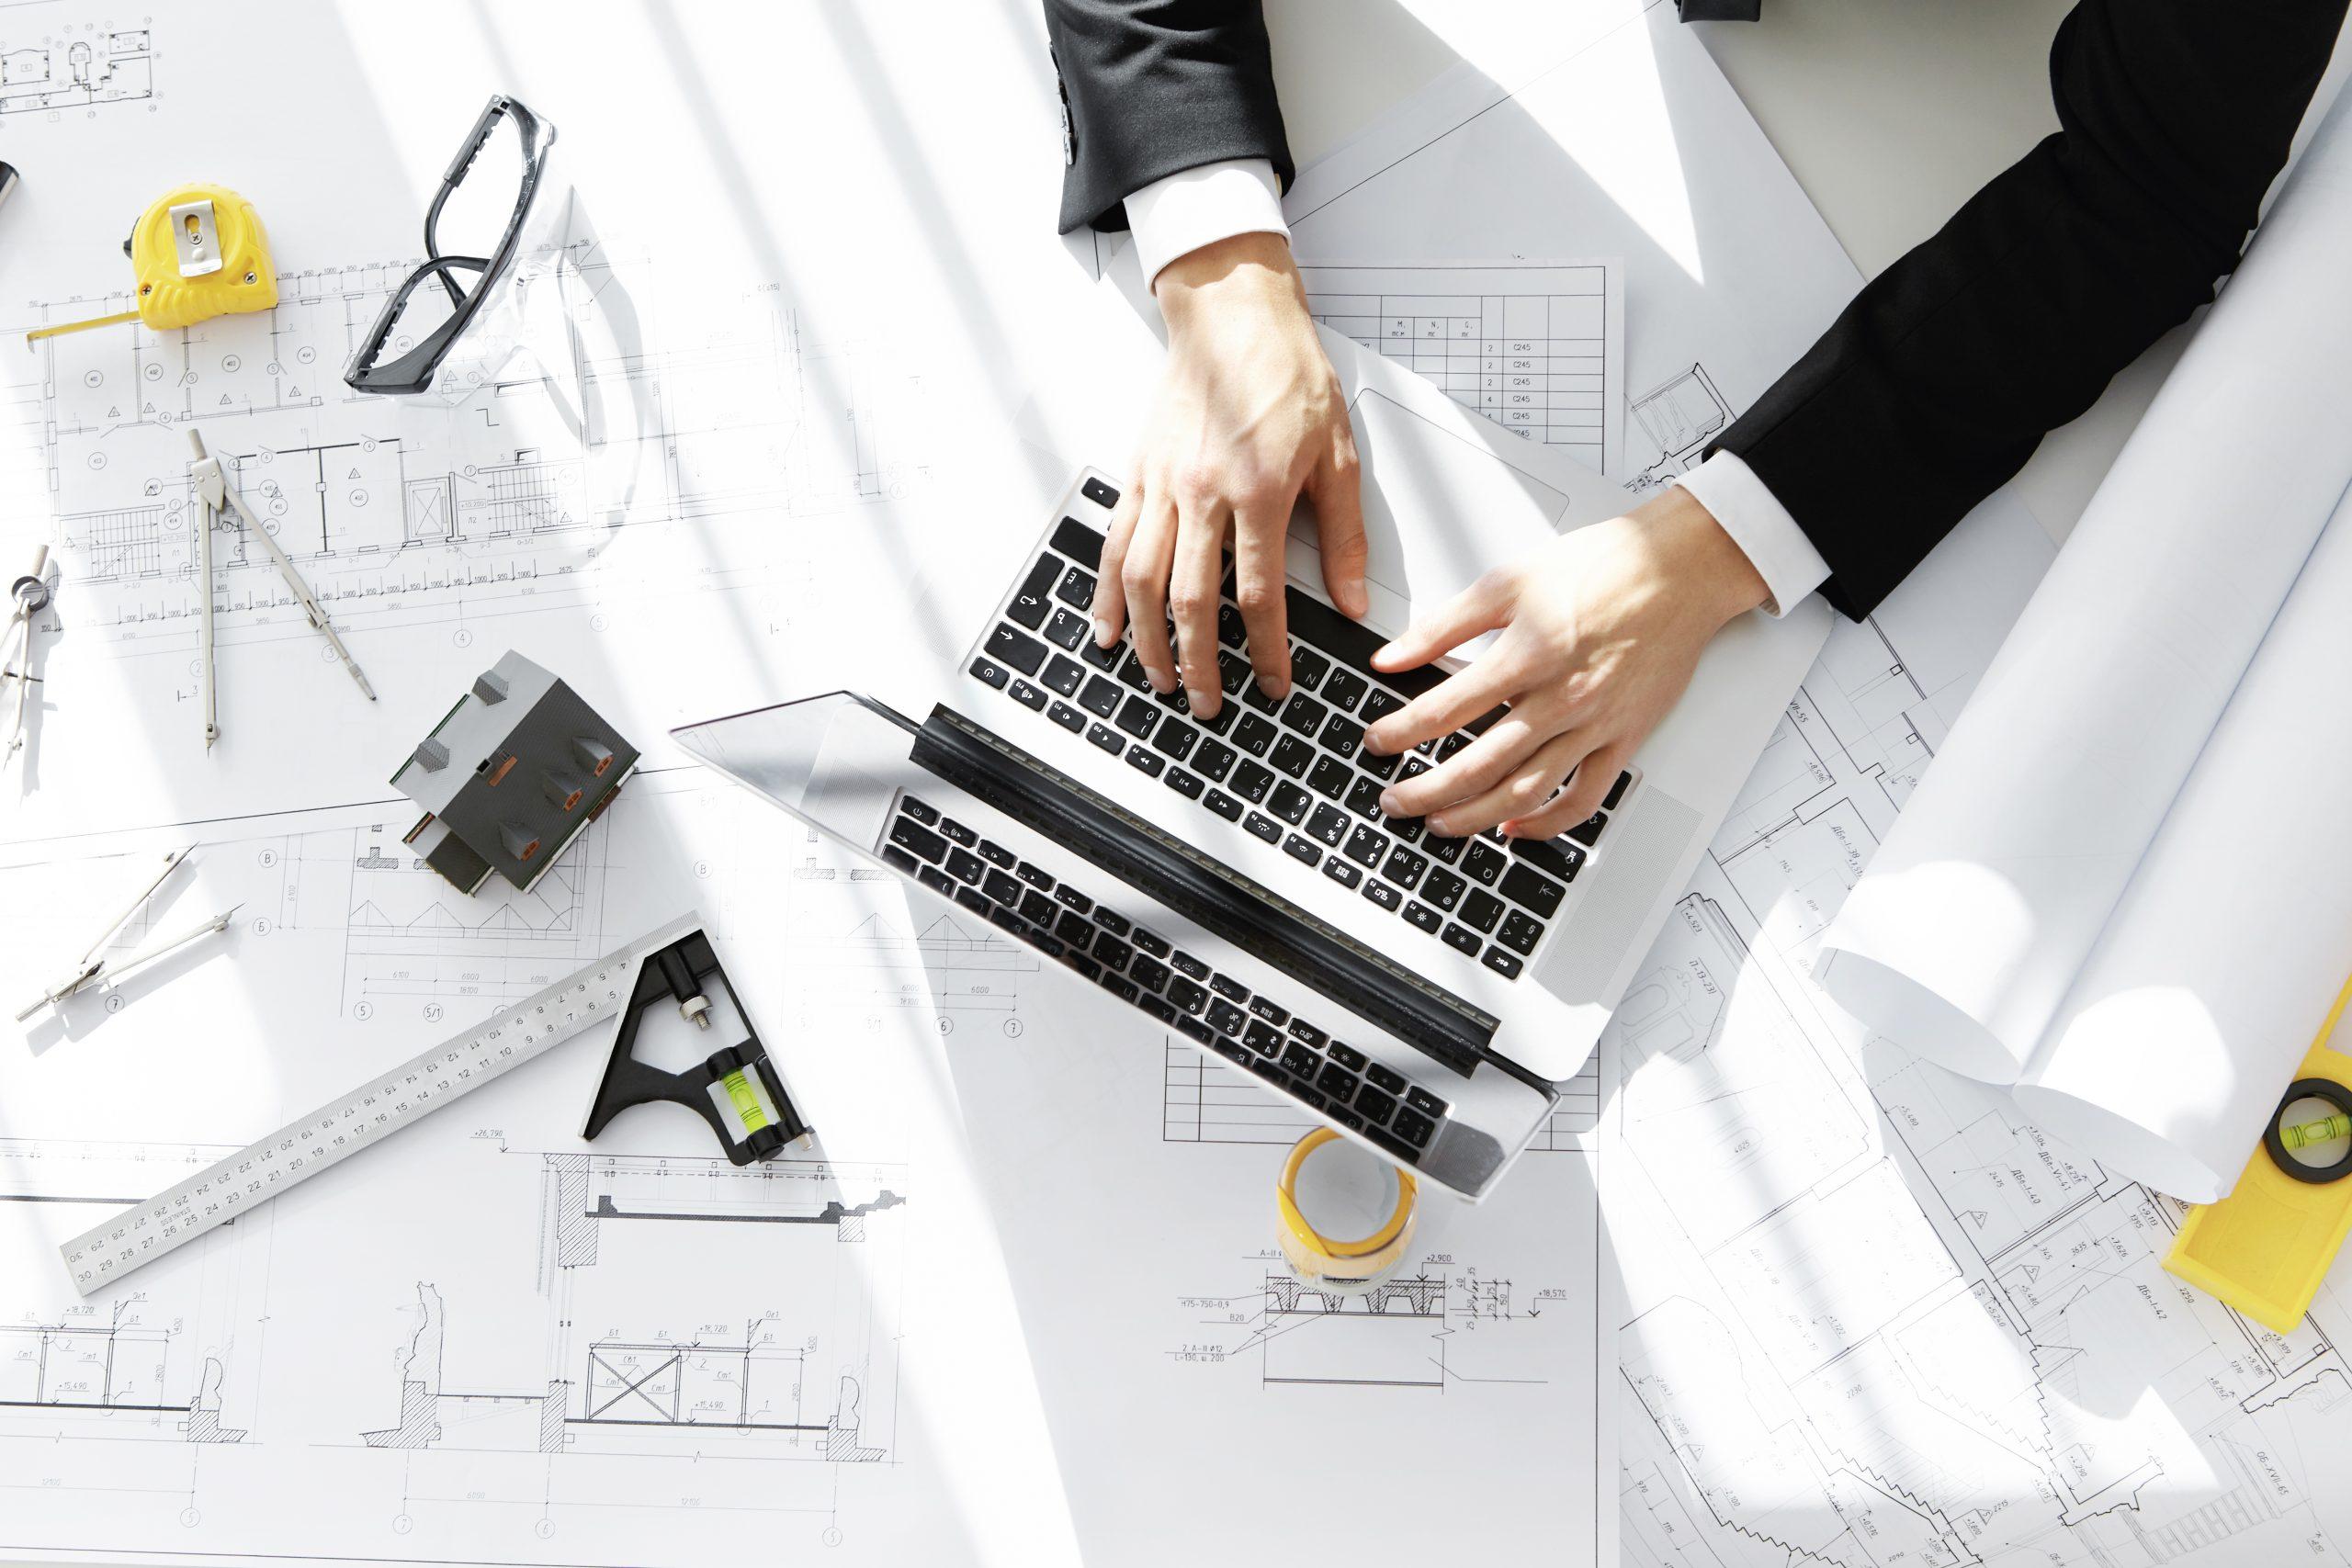 Tự động hóa Quy trình Kinh doanh mang lại lợi ích gì cho Doanh nghiệp?